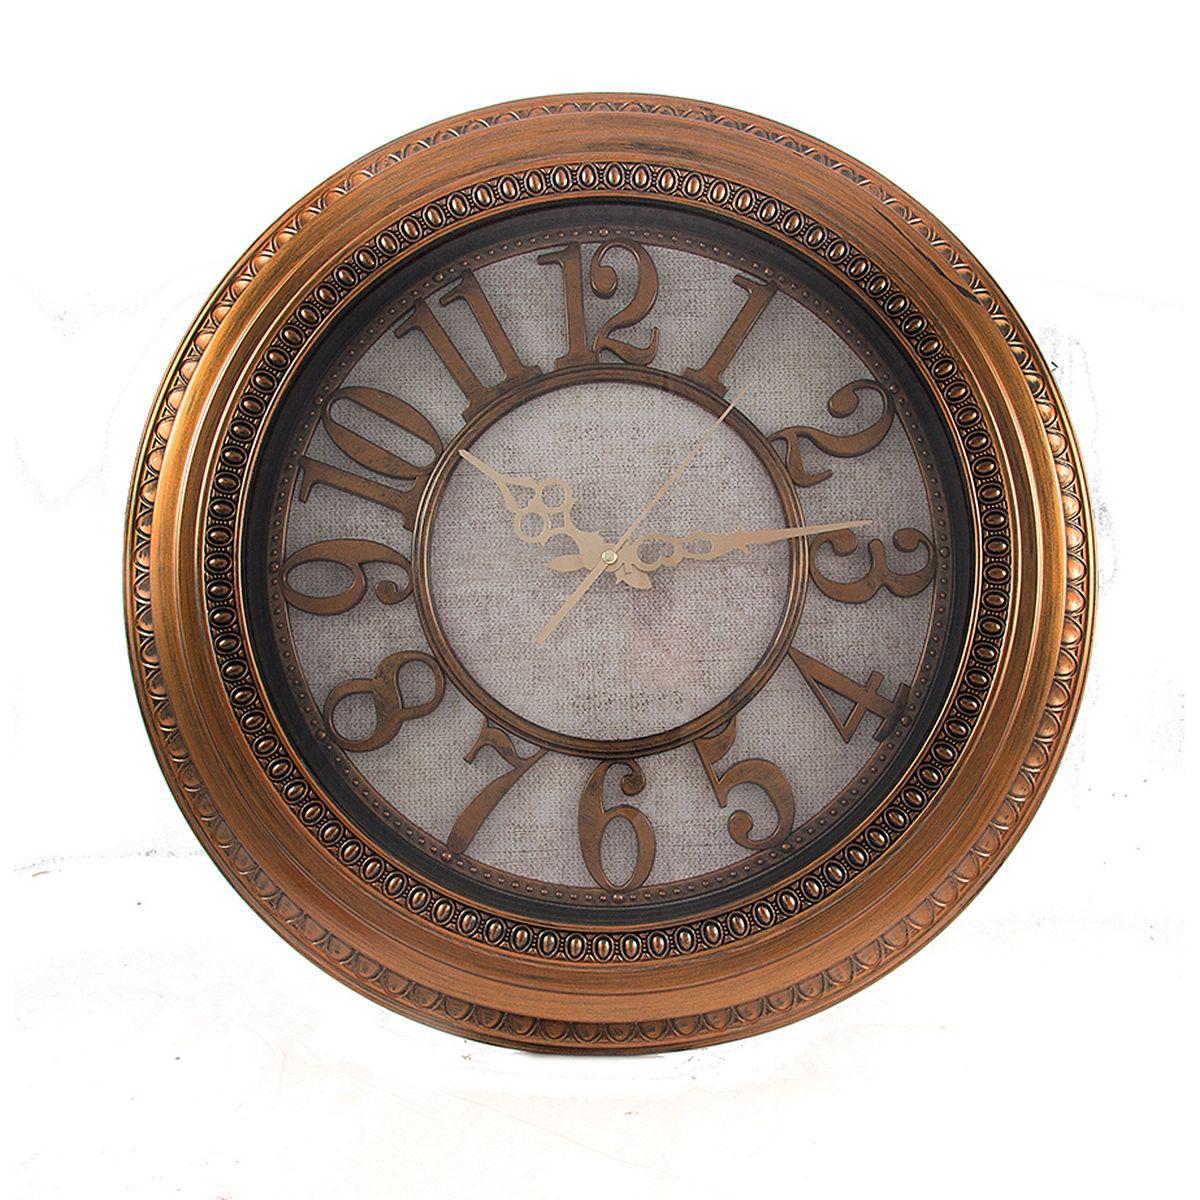 Часы настенные Русские Подарки, диаметр 53 см. 222438222438